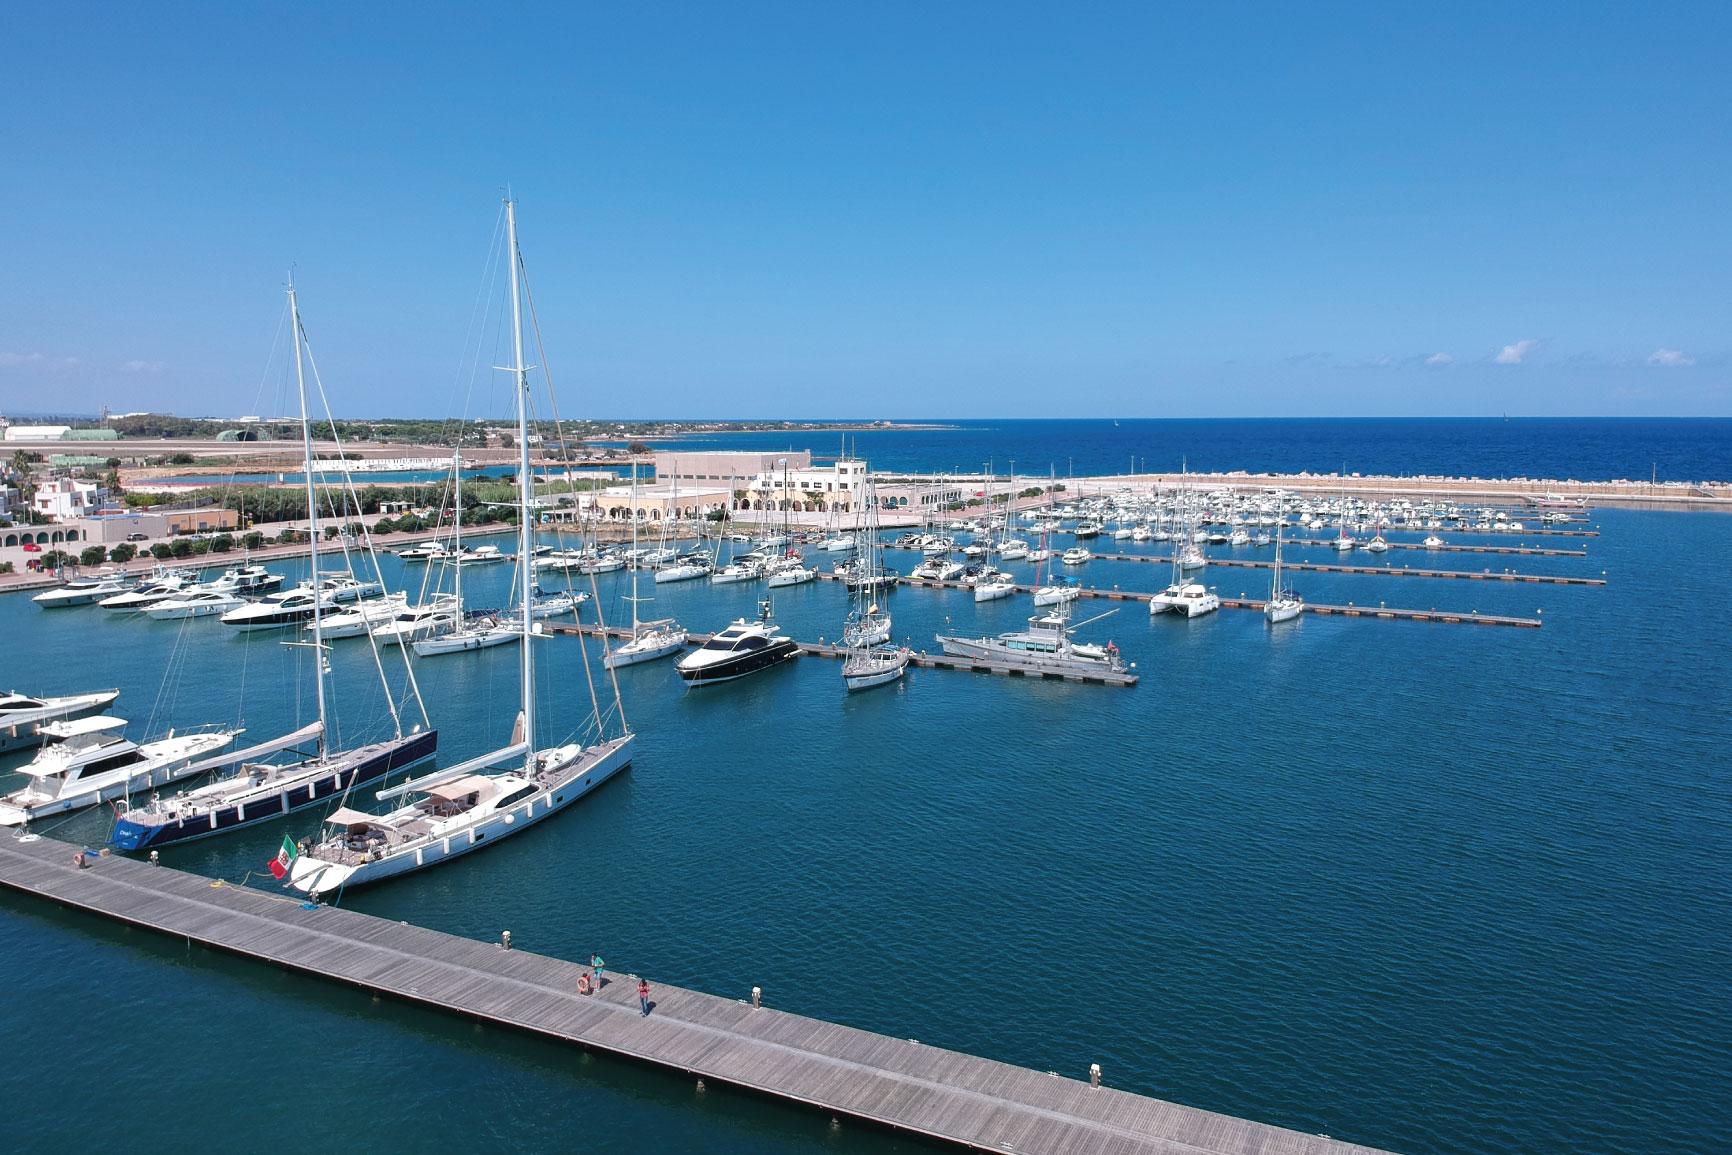 porto turistico marina di brindisi (1)